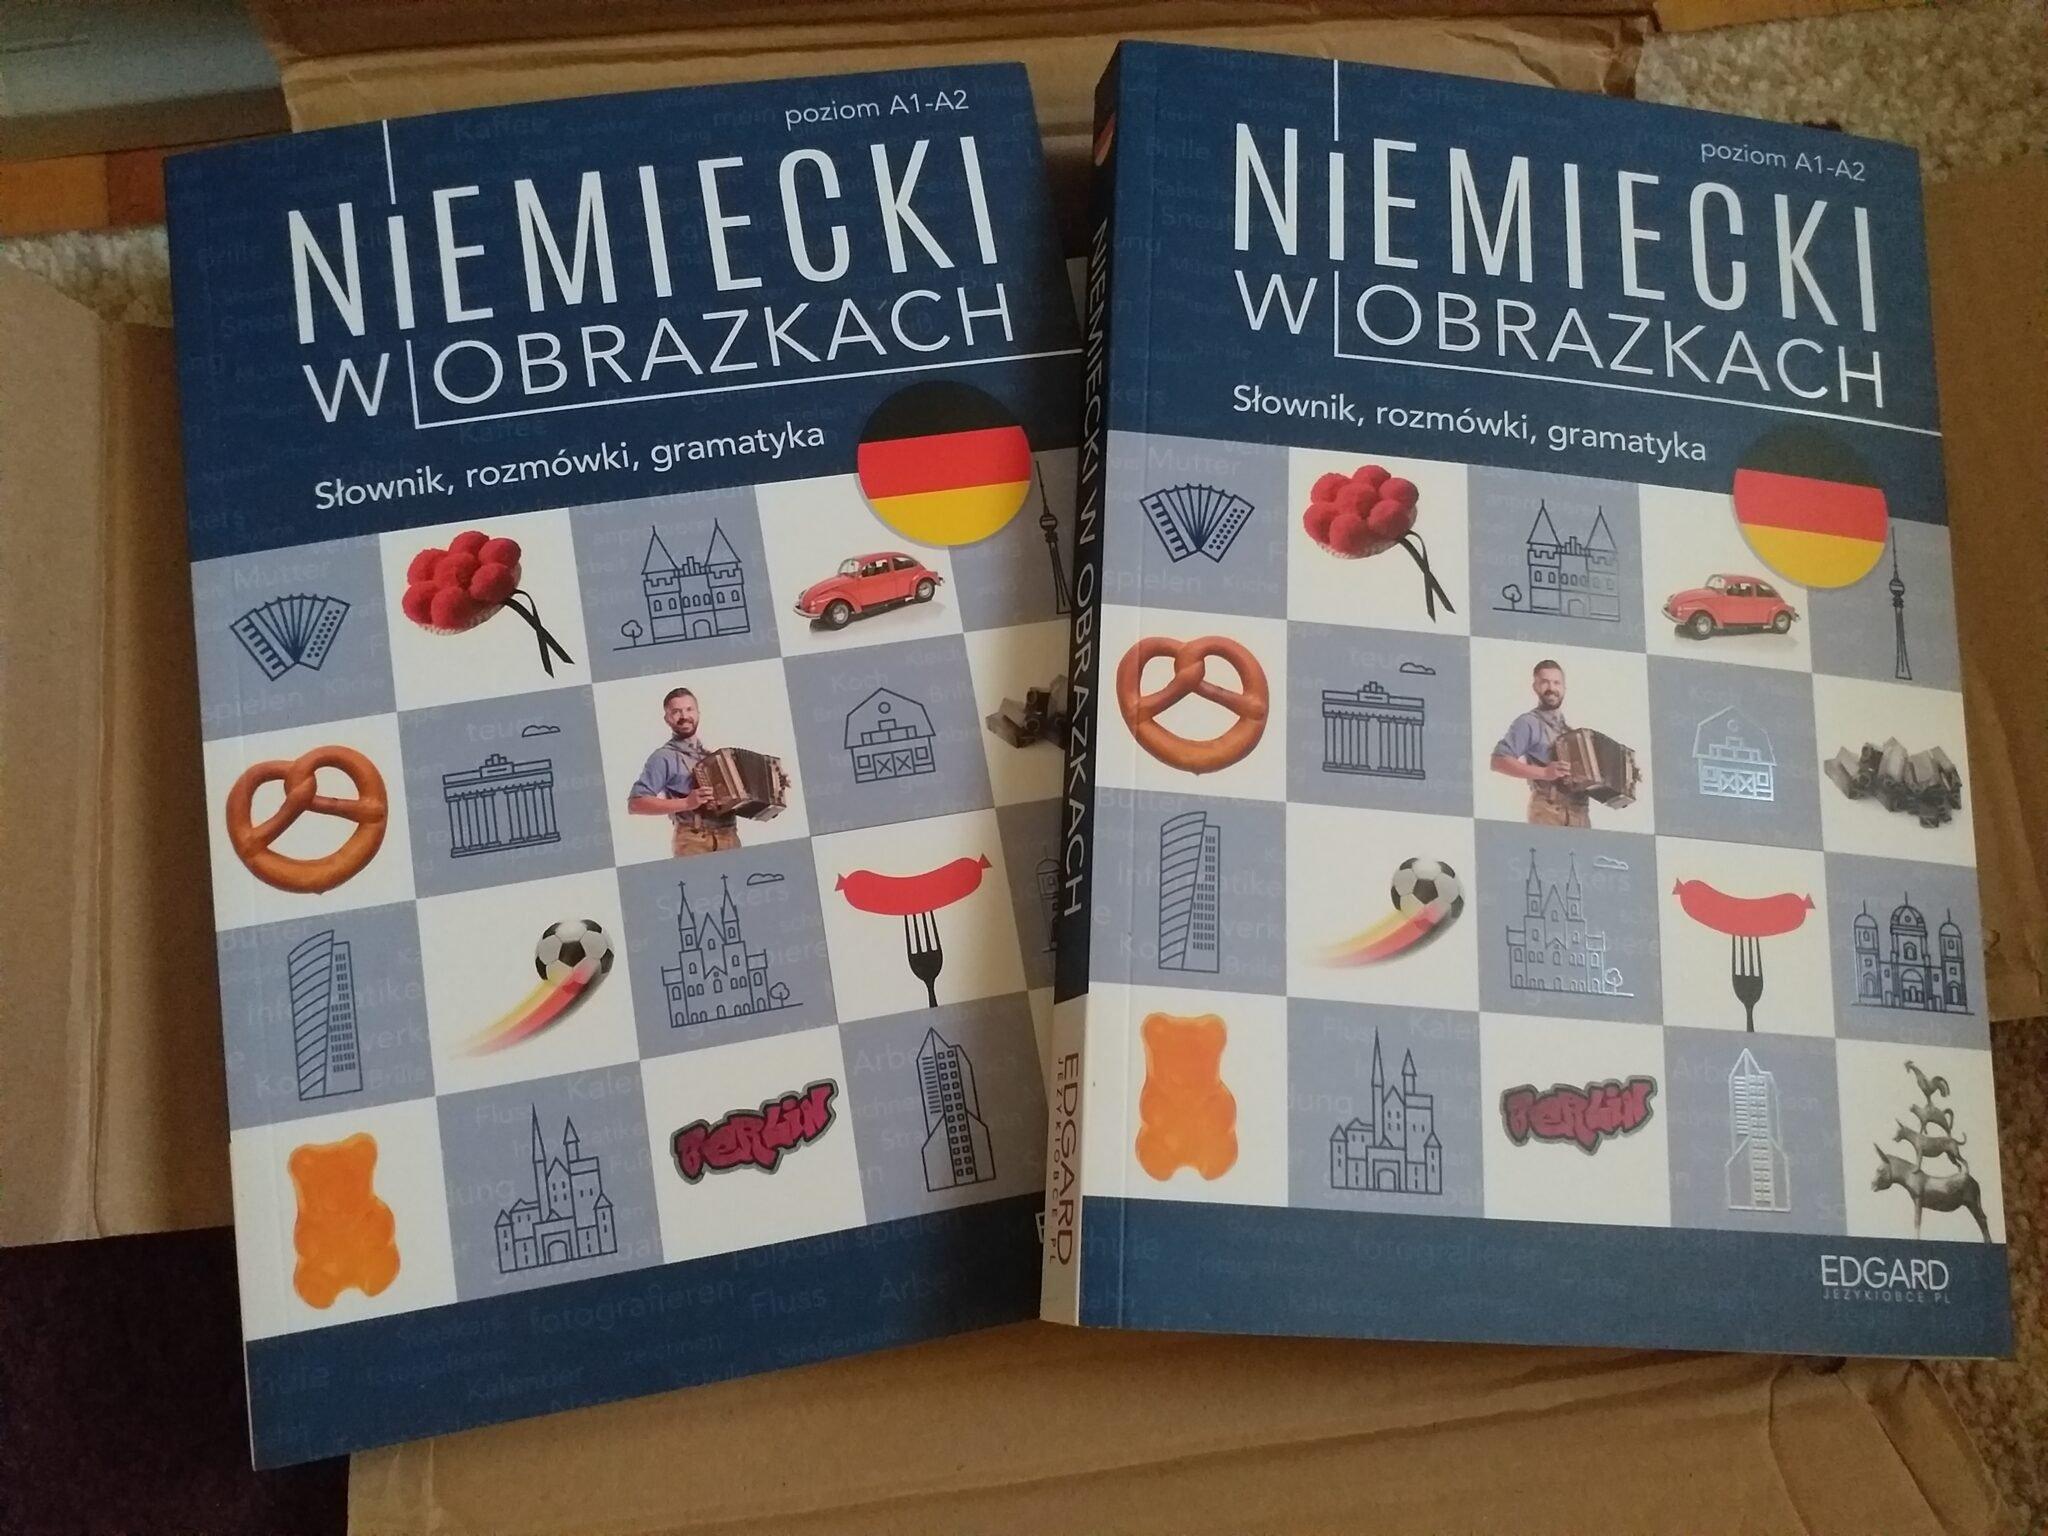 """""""Niemiecki w obrazkach"""": rozwiązanie konkursu!"""